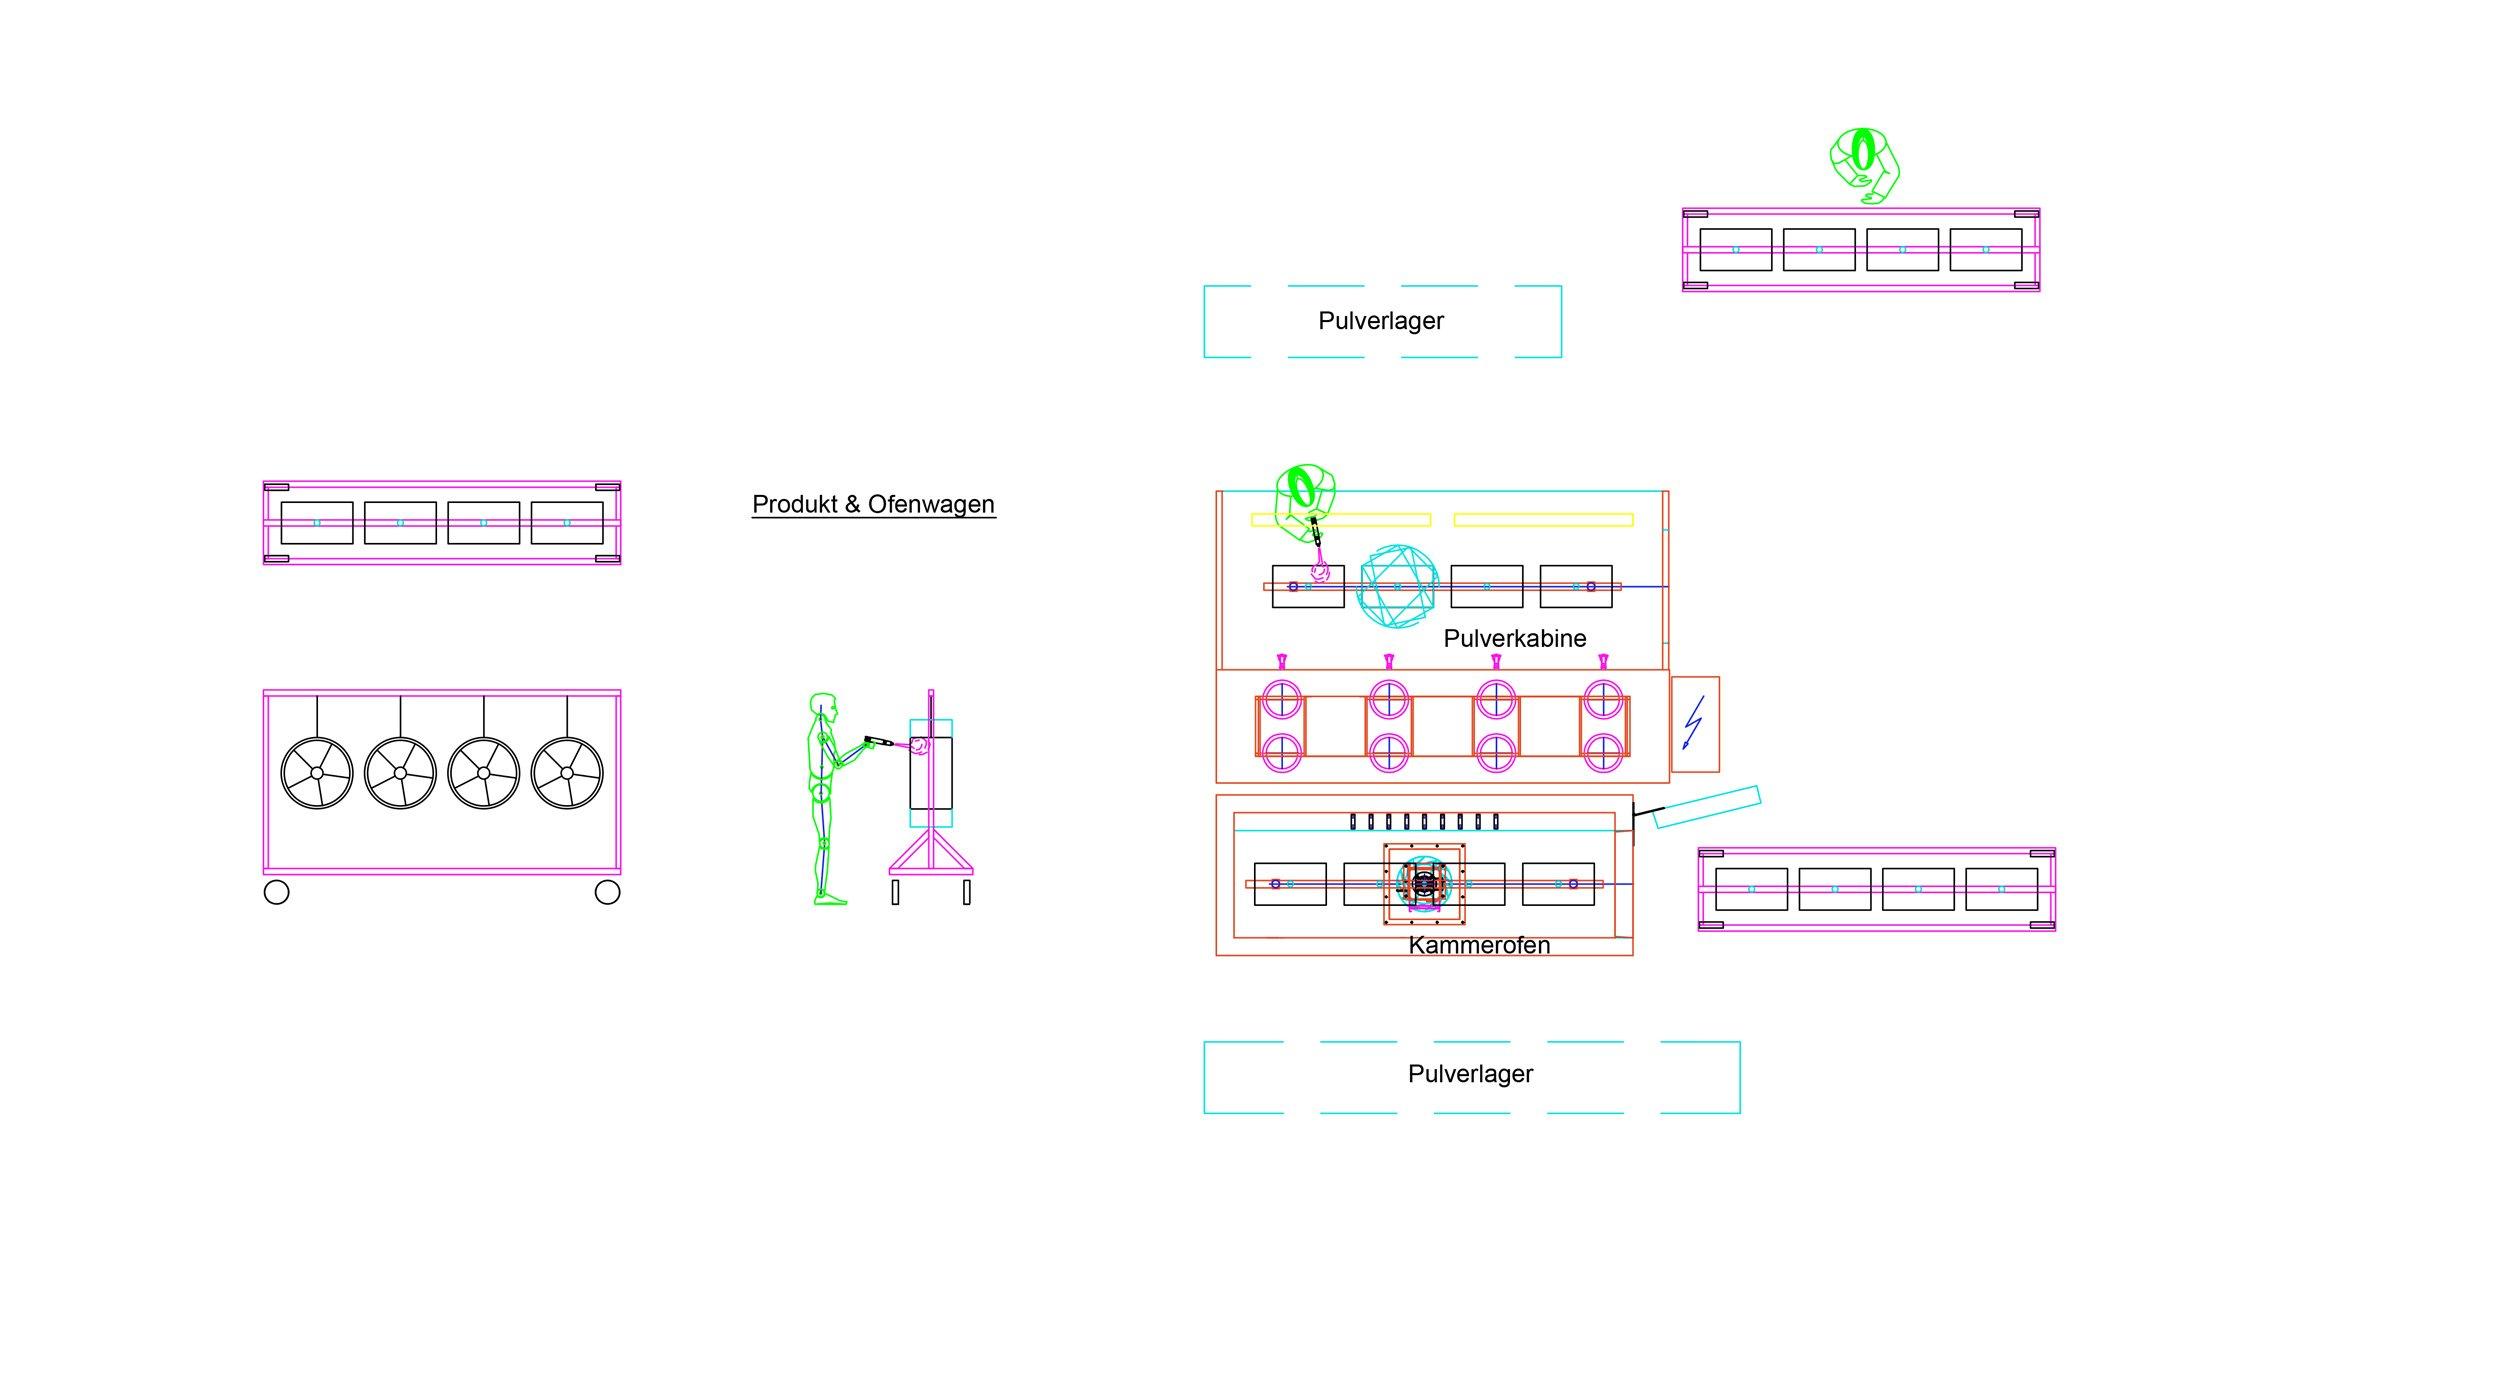 Plan einer Pulverbeschichtungsanlage für Felgen - Basispaket